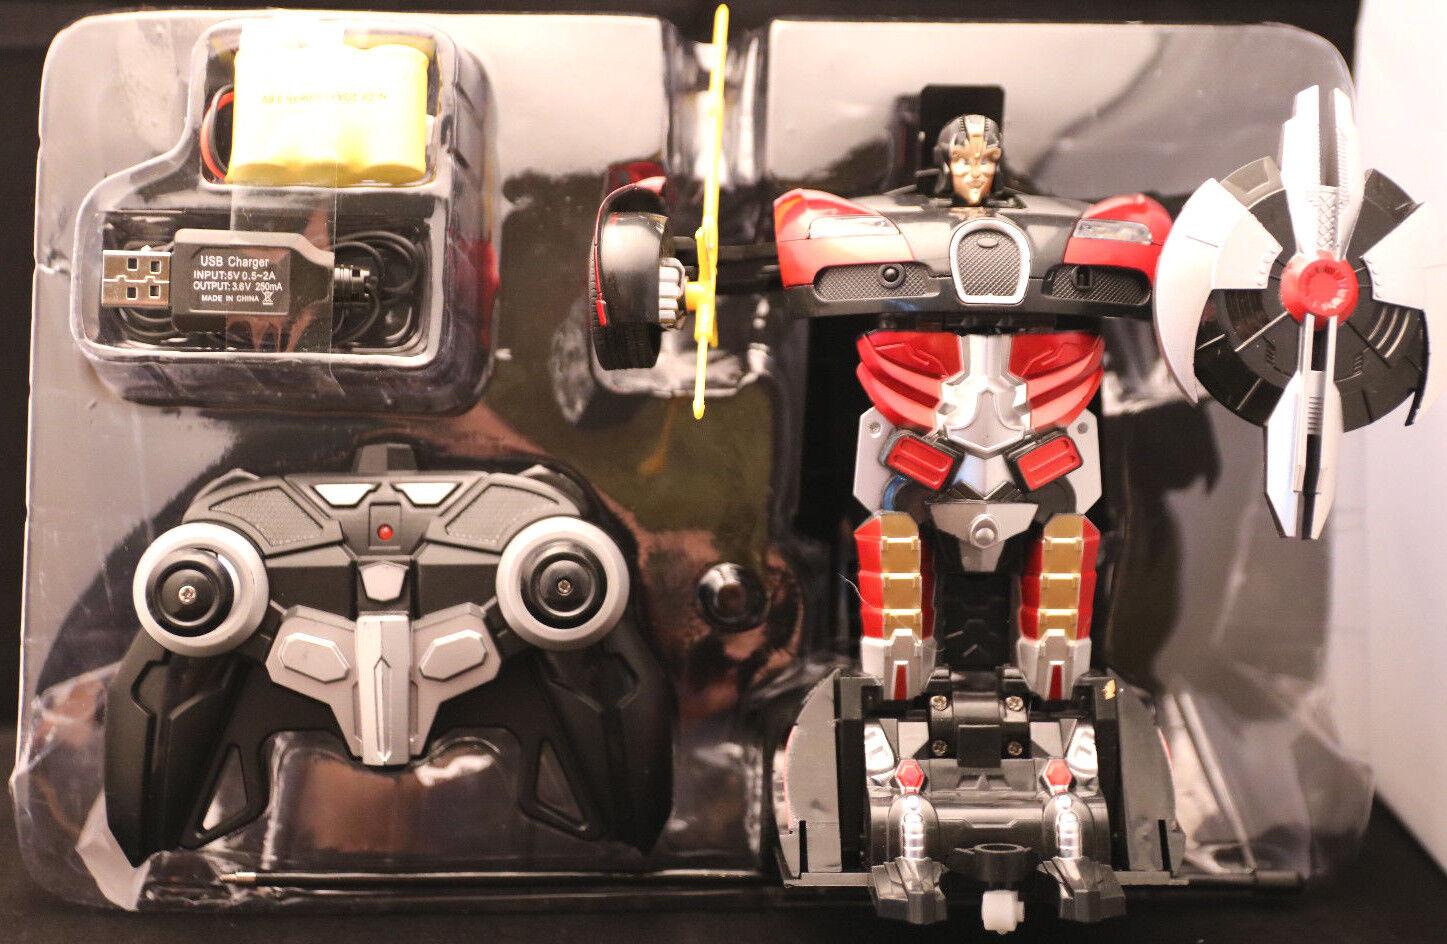 Ferngesteuert  Transformers   Farbe red black  8+  OVP   vom Roboter zum Auto